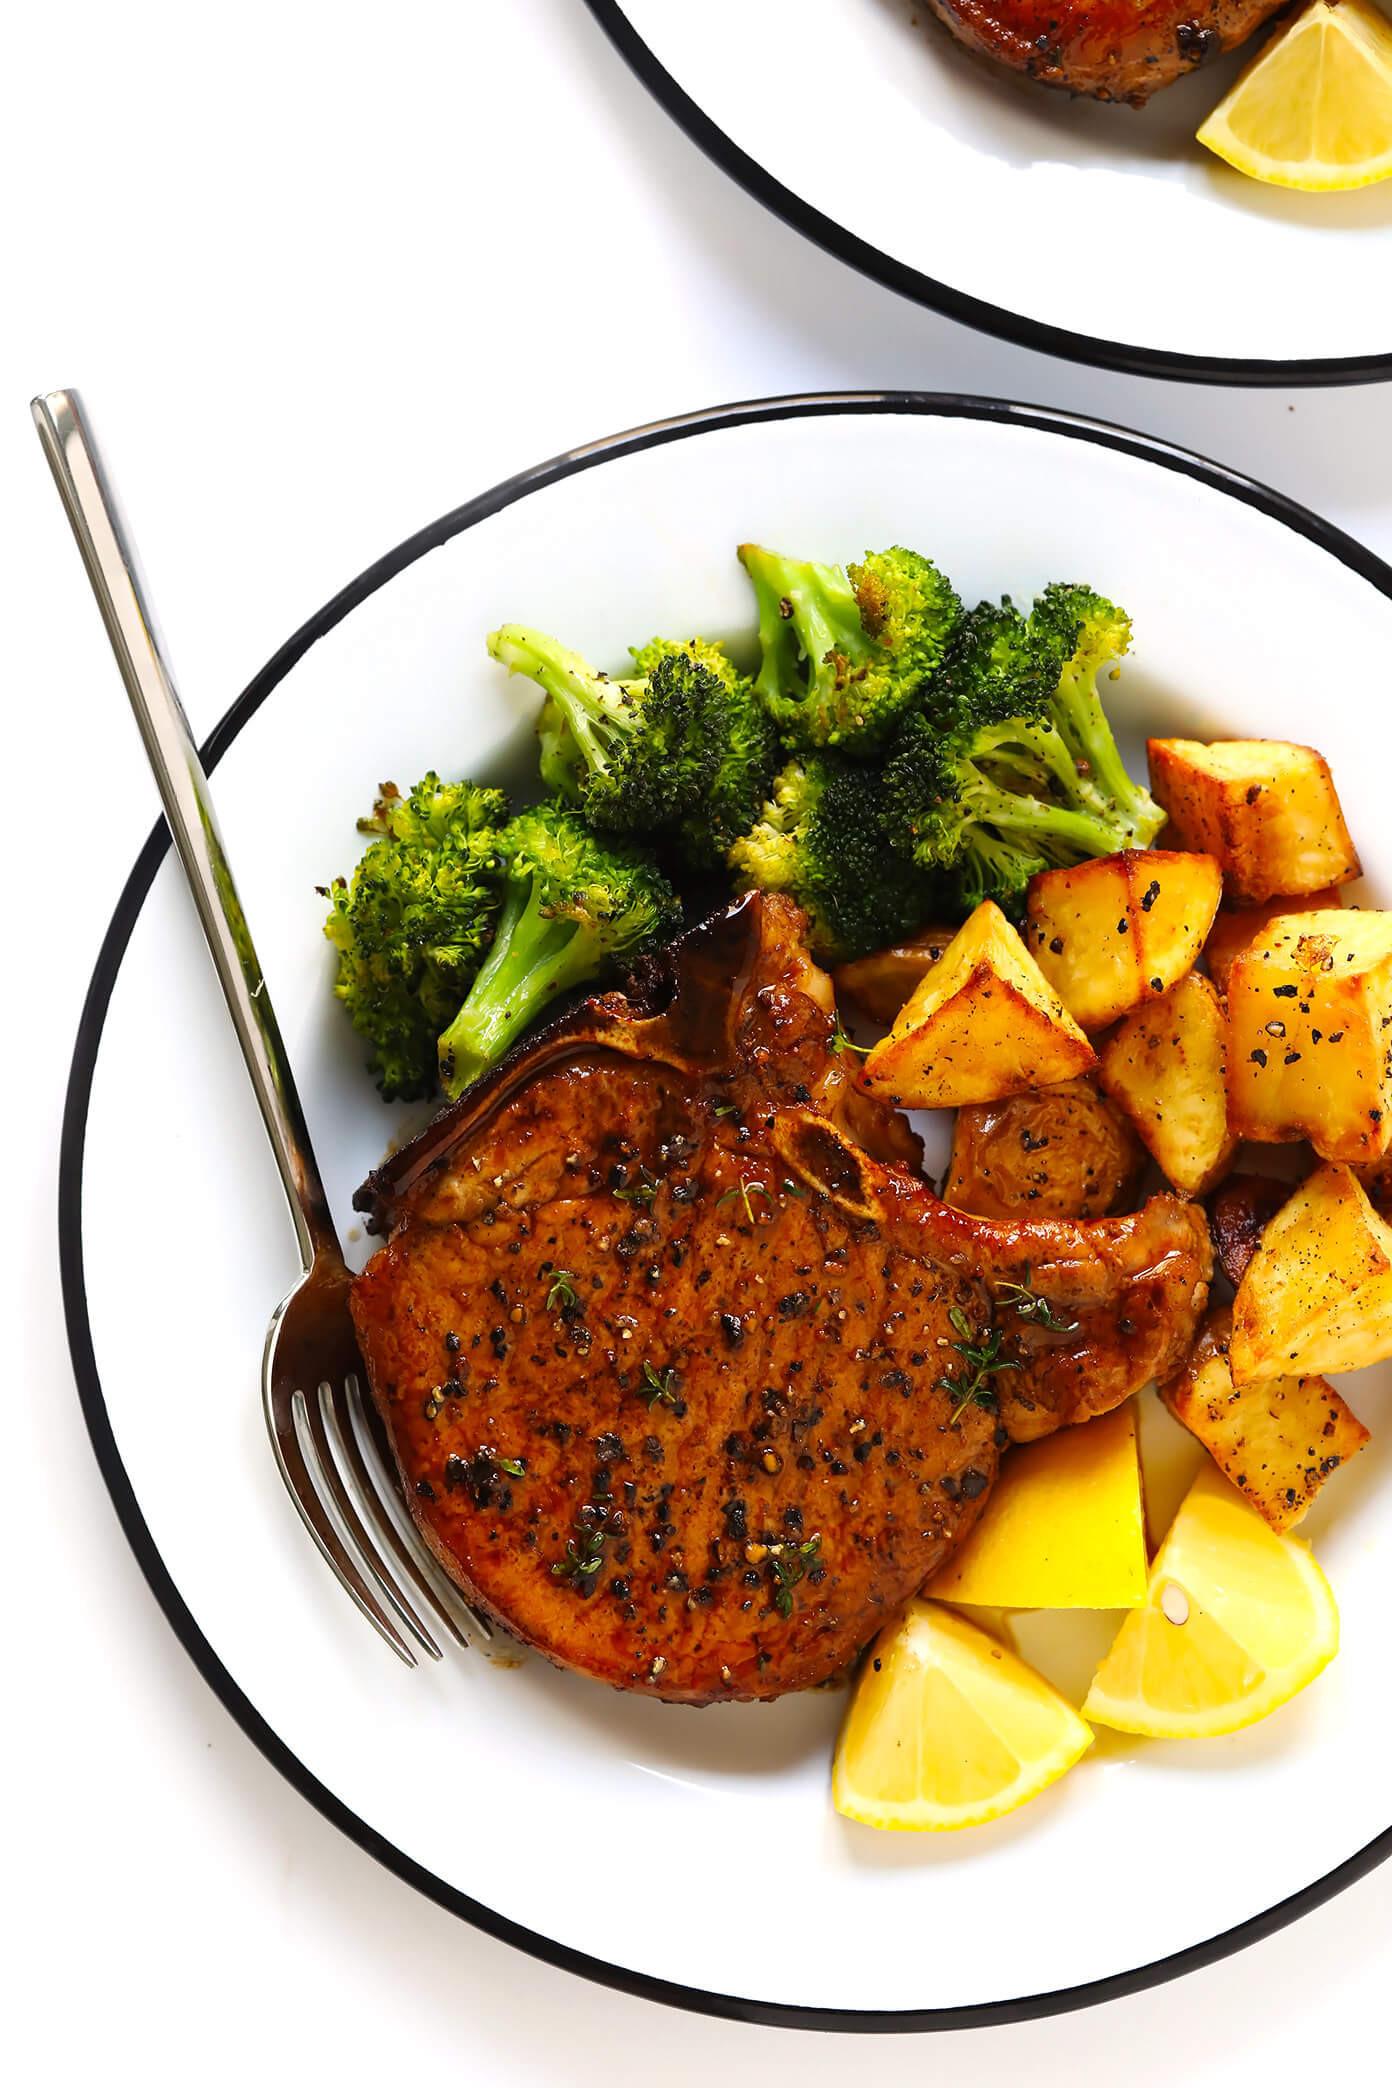 Pork Chop Side Dishes Recipes  Baked Pork Chops